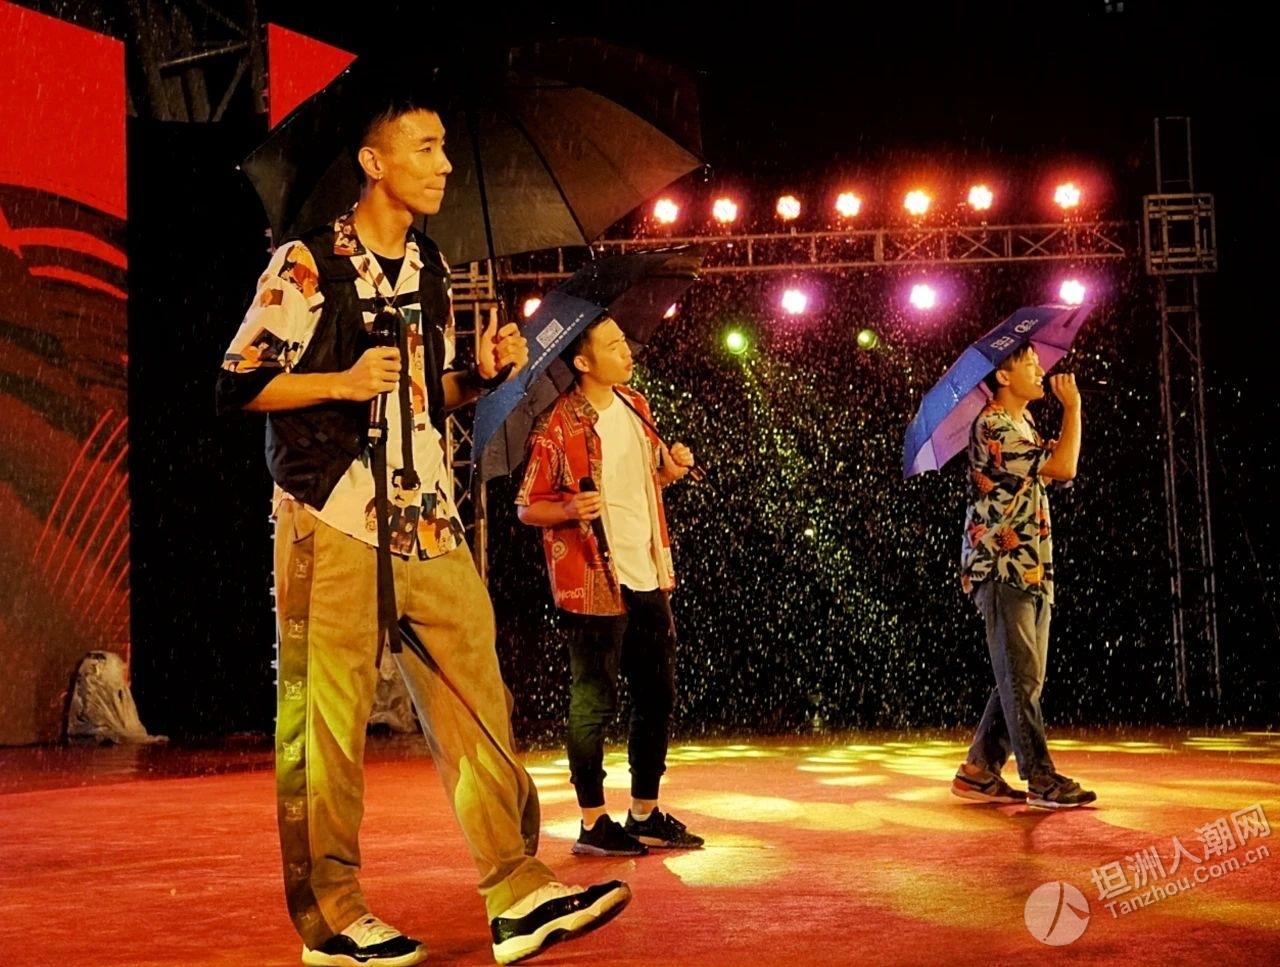 坦洲镇咸水歌文旅季开幕,来中山旅游活动更丰富